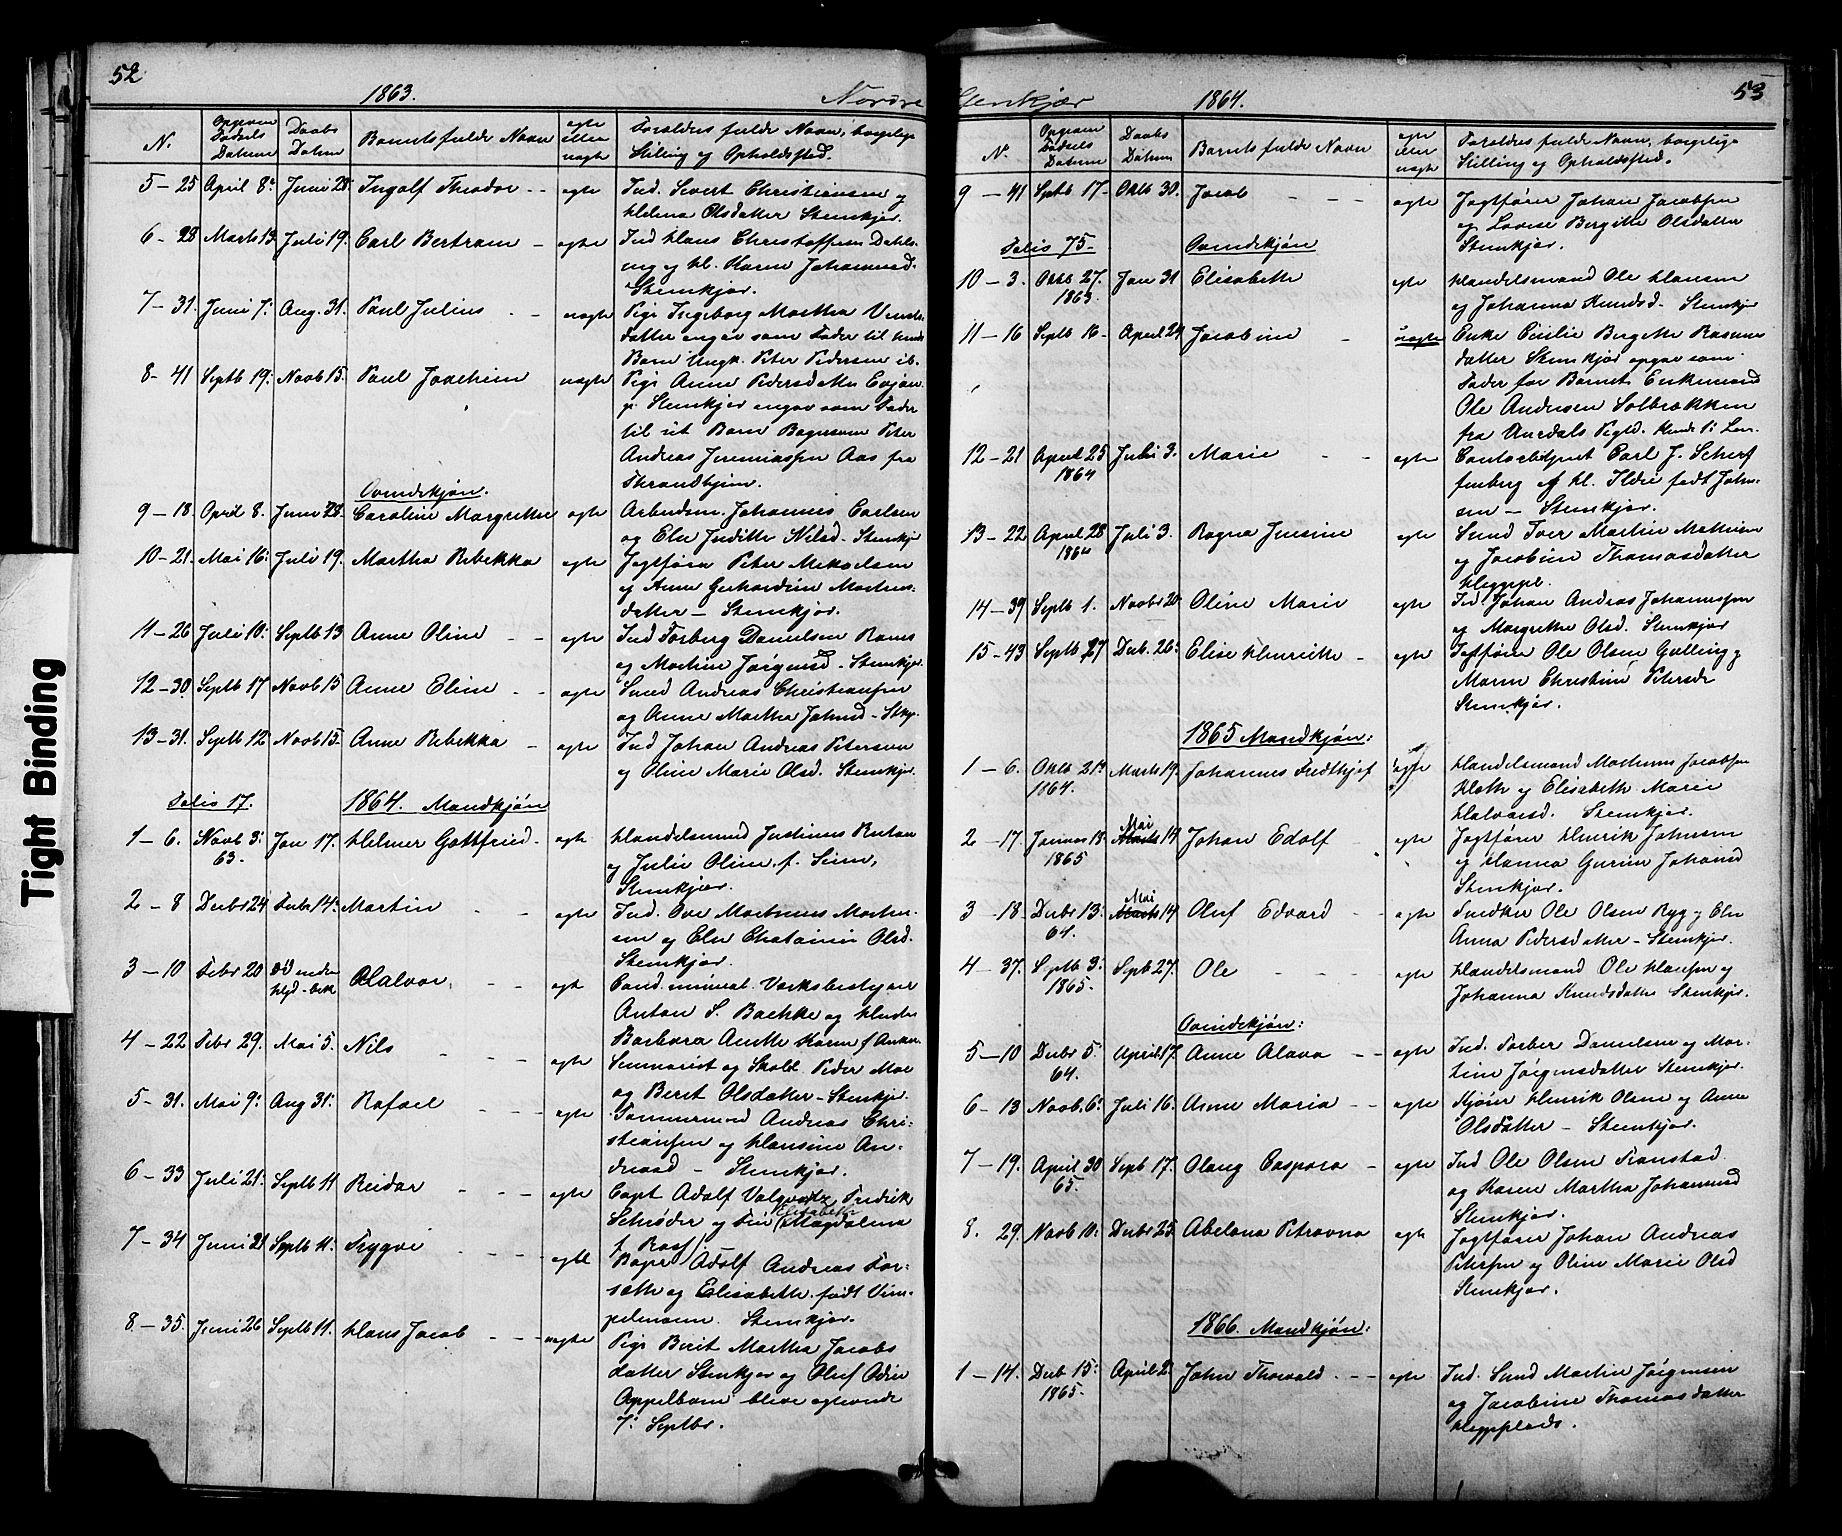 SAT, Ministerialprotokoller, klokkerbøker og fødselsregistre - Nord-Trøndelag, 739/L0367: Ministerialbok nr. 739A01 /2, 1838-1868, s. 52-53